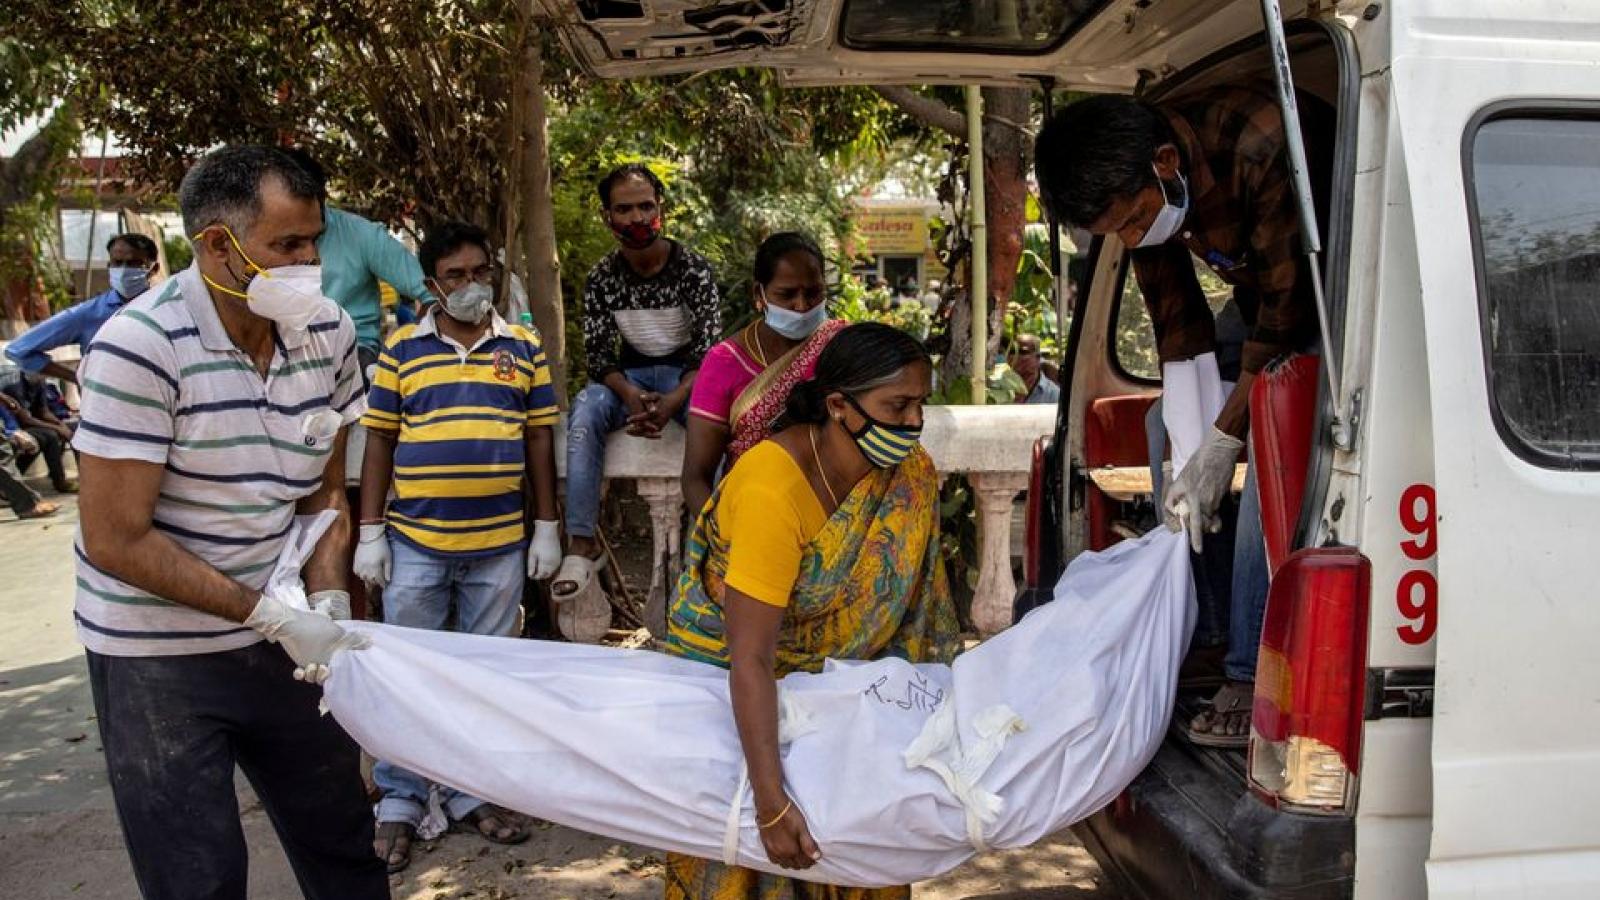 Ấn Độ ghi nhận kỷ lục hơn 6.000 ca tử vong do Covid-19 trong 24 giờ